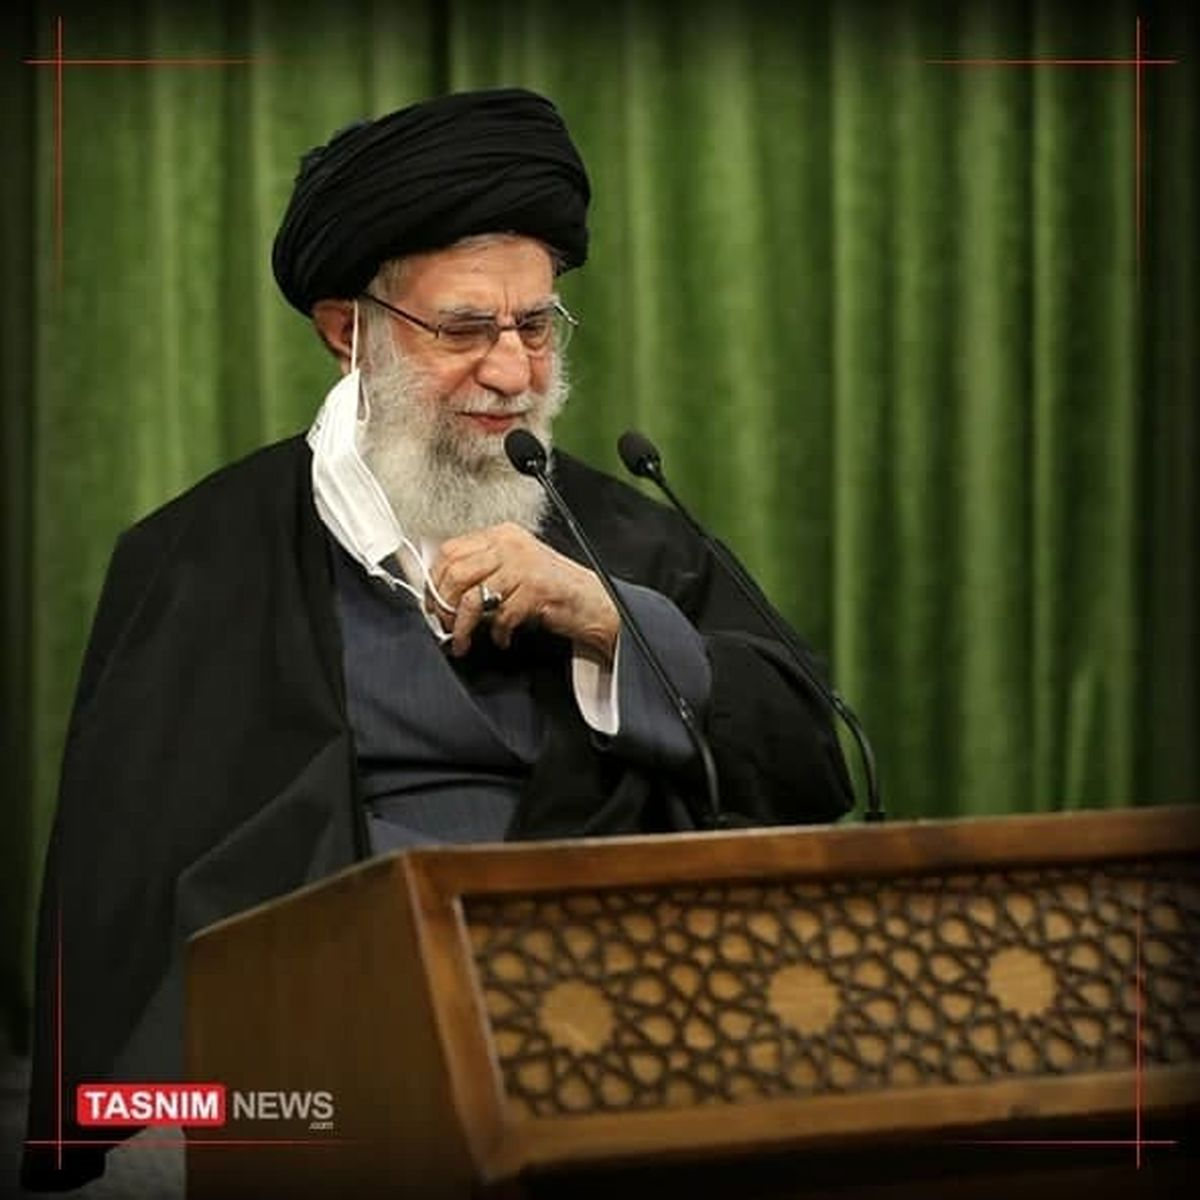 رهبر انقلاب: انقلاب اسلامی ما، مضمون بعثت پیامبر را تجدید کرد/وارونهنمایی حقیقت روش دشمن در جنگ نرم است